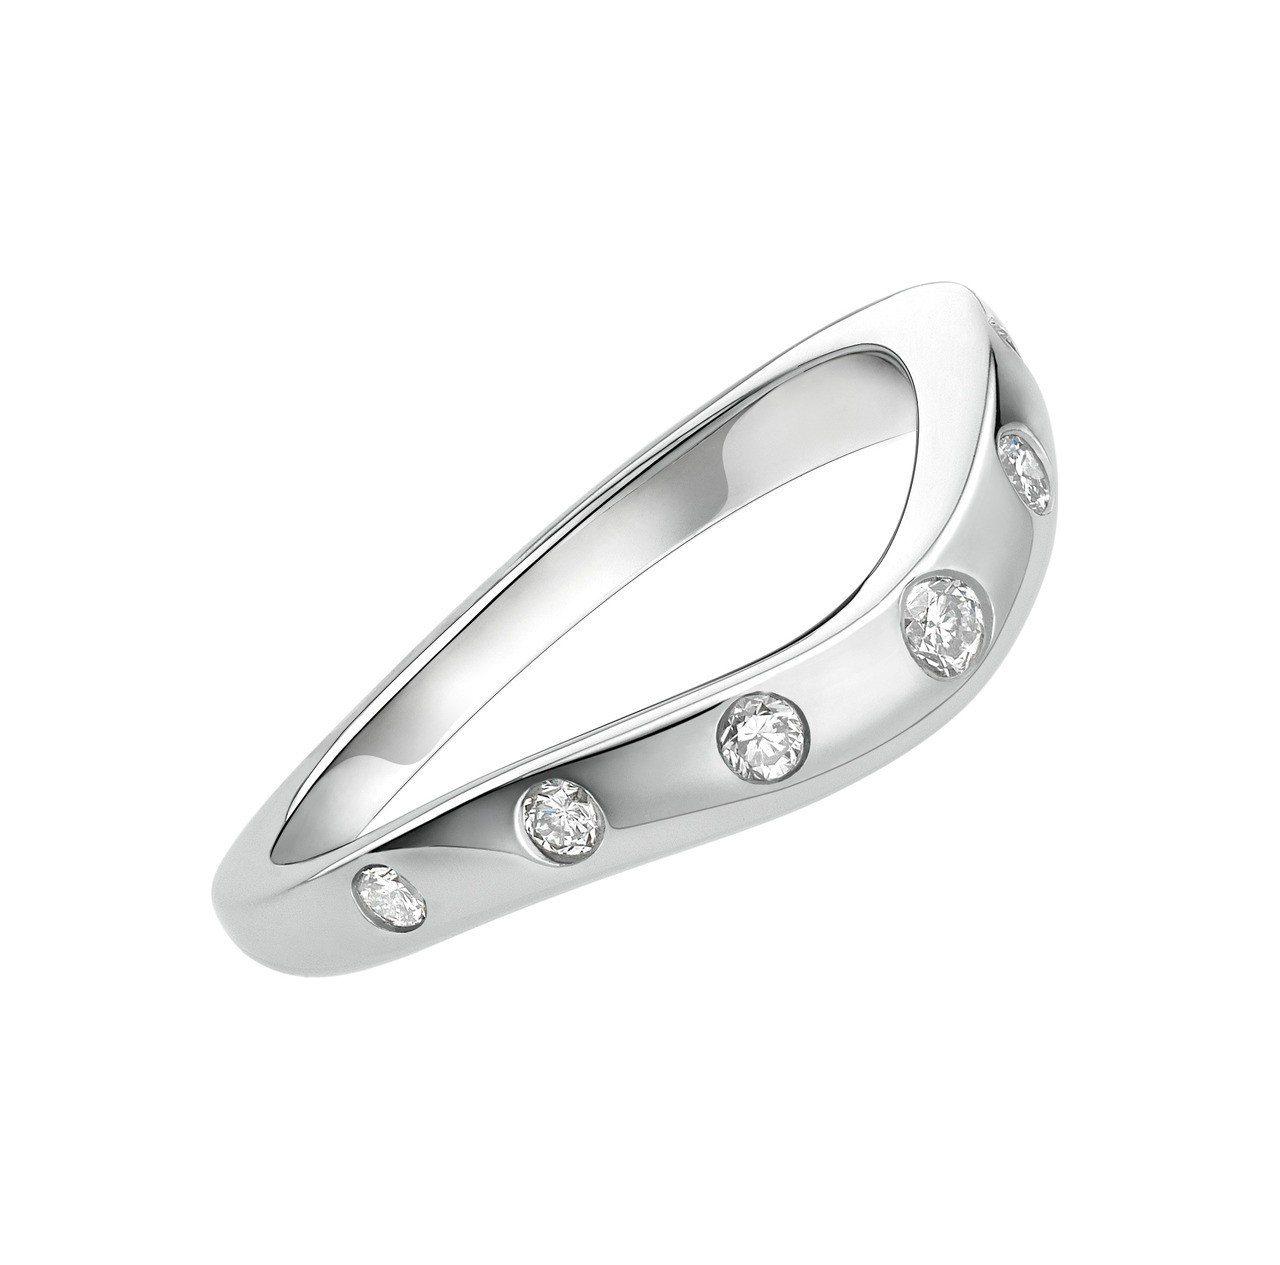 楊謹華將BVLGARI Corona 鉑金鑲鑽婚戒與求婚鑽戒堆疊配戴,83,30...